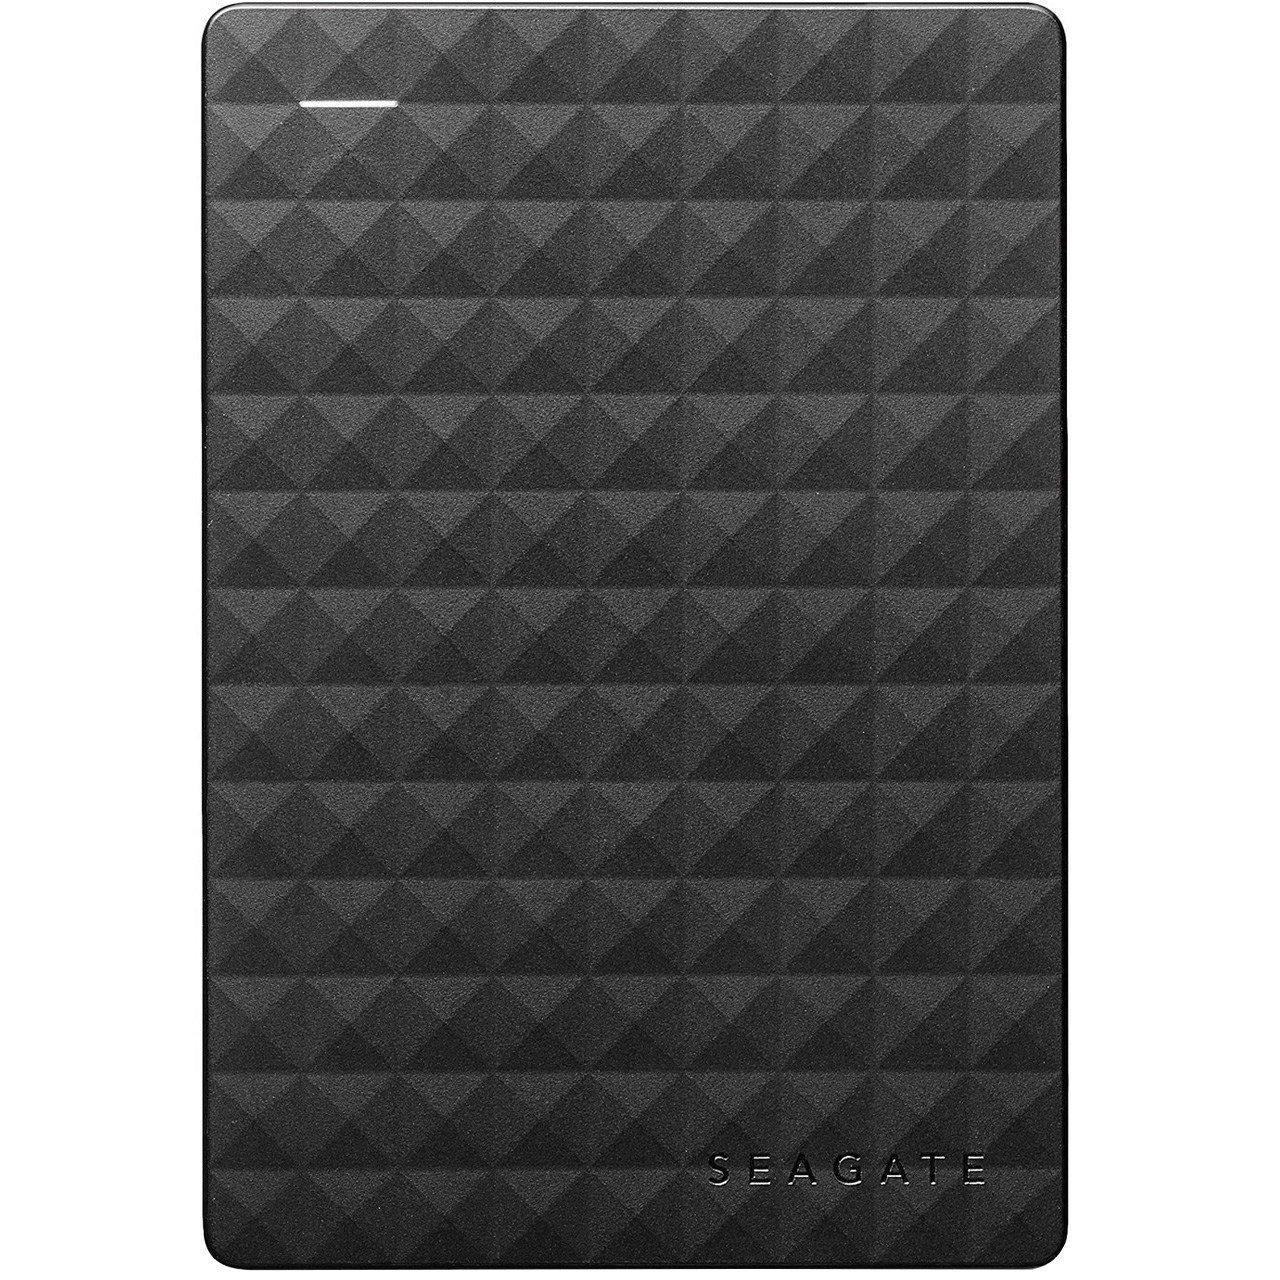 هارددیسک اکسترنال سیگیت مدل Expansion Portable STEA4000400 ظرفیت 4 ترابایت